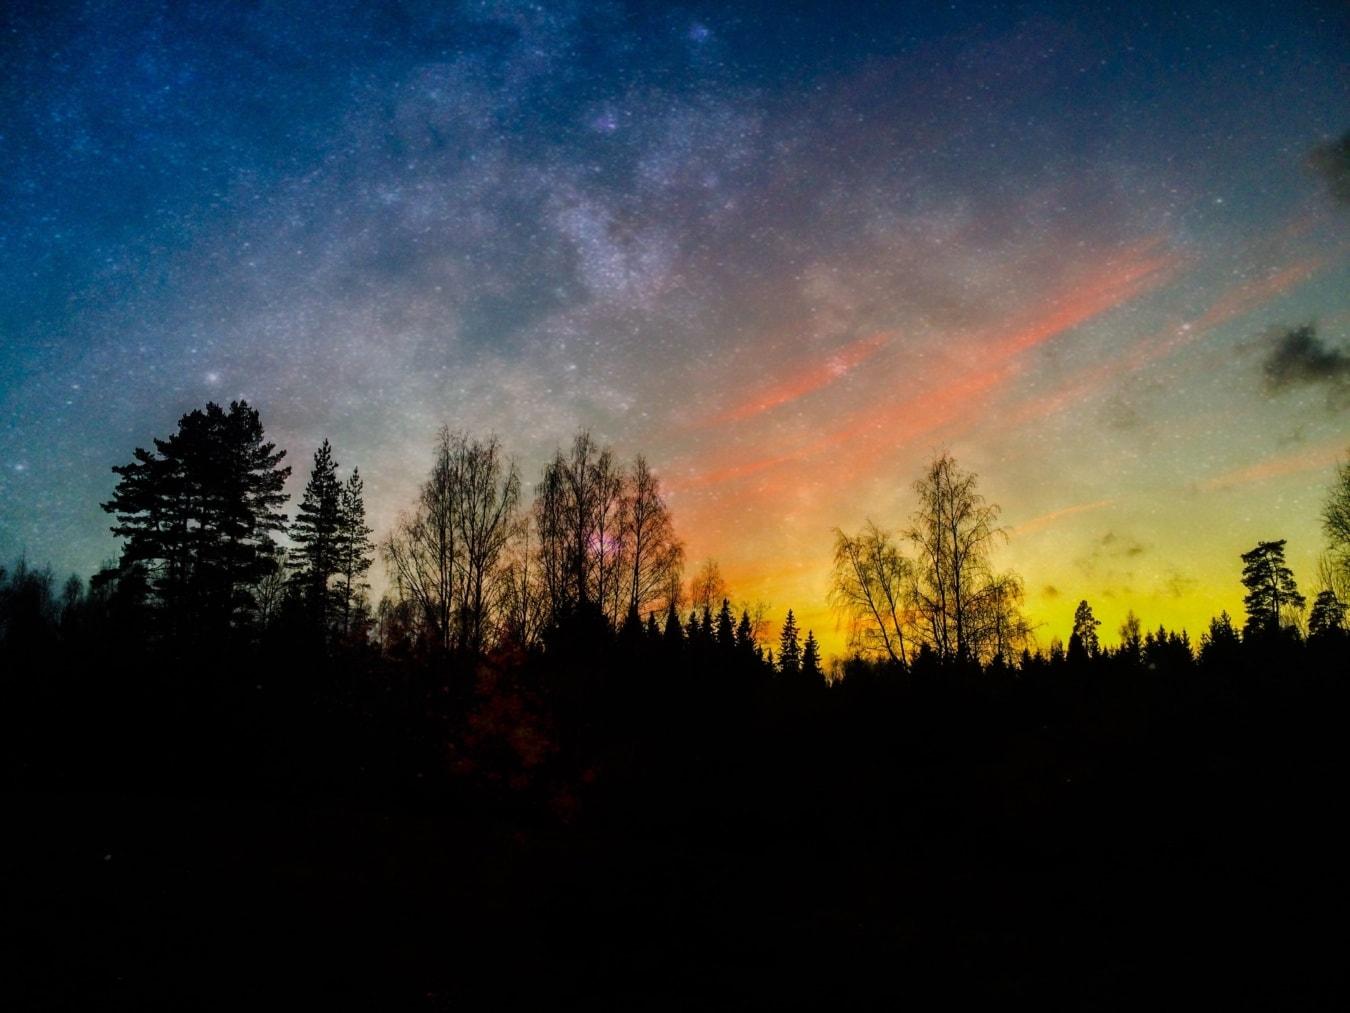 식물, 자정, 밤, 숲, 실루엣, 풍경, 조명, 태양, 스타, 분위기